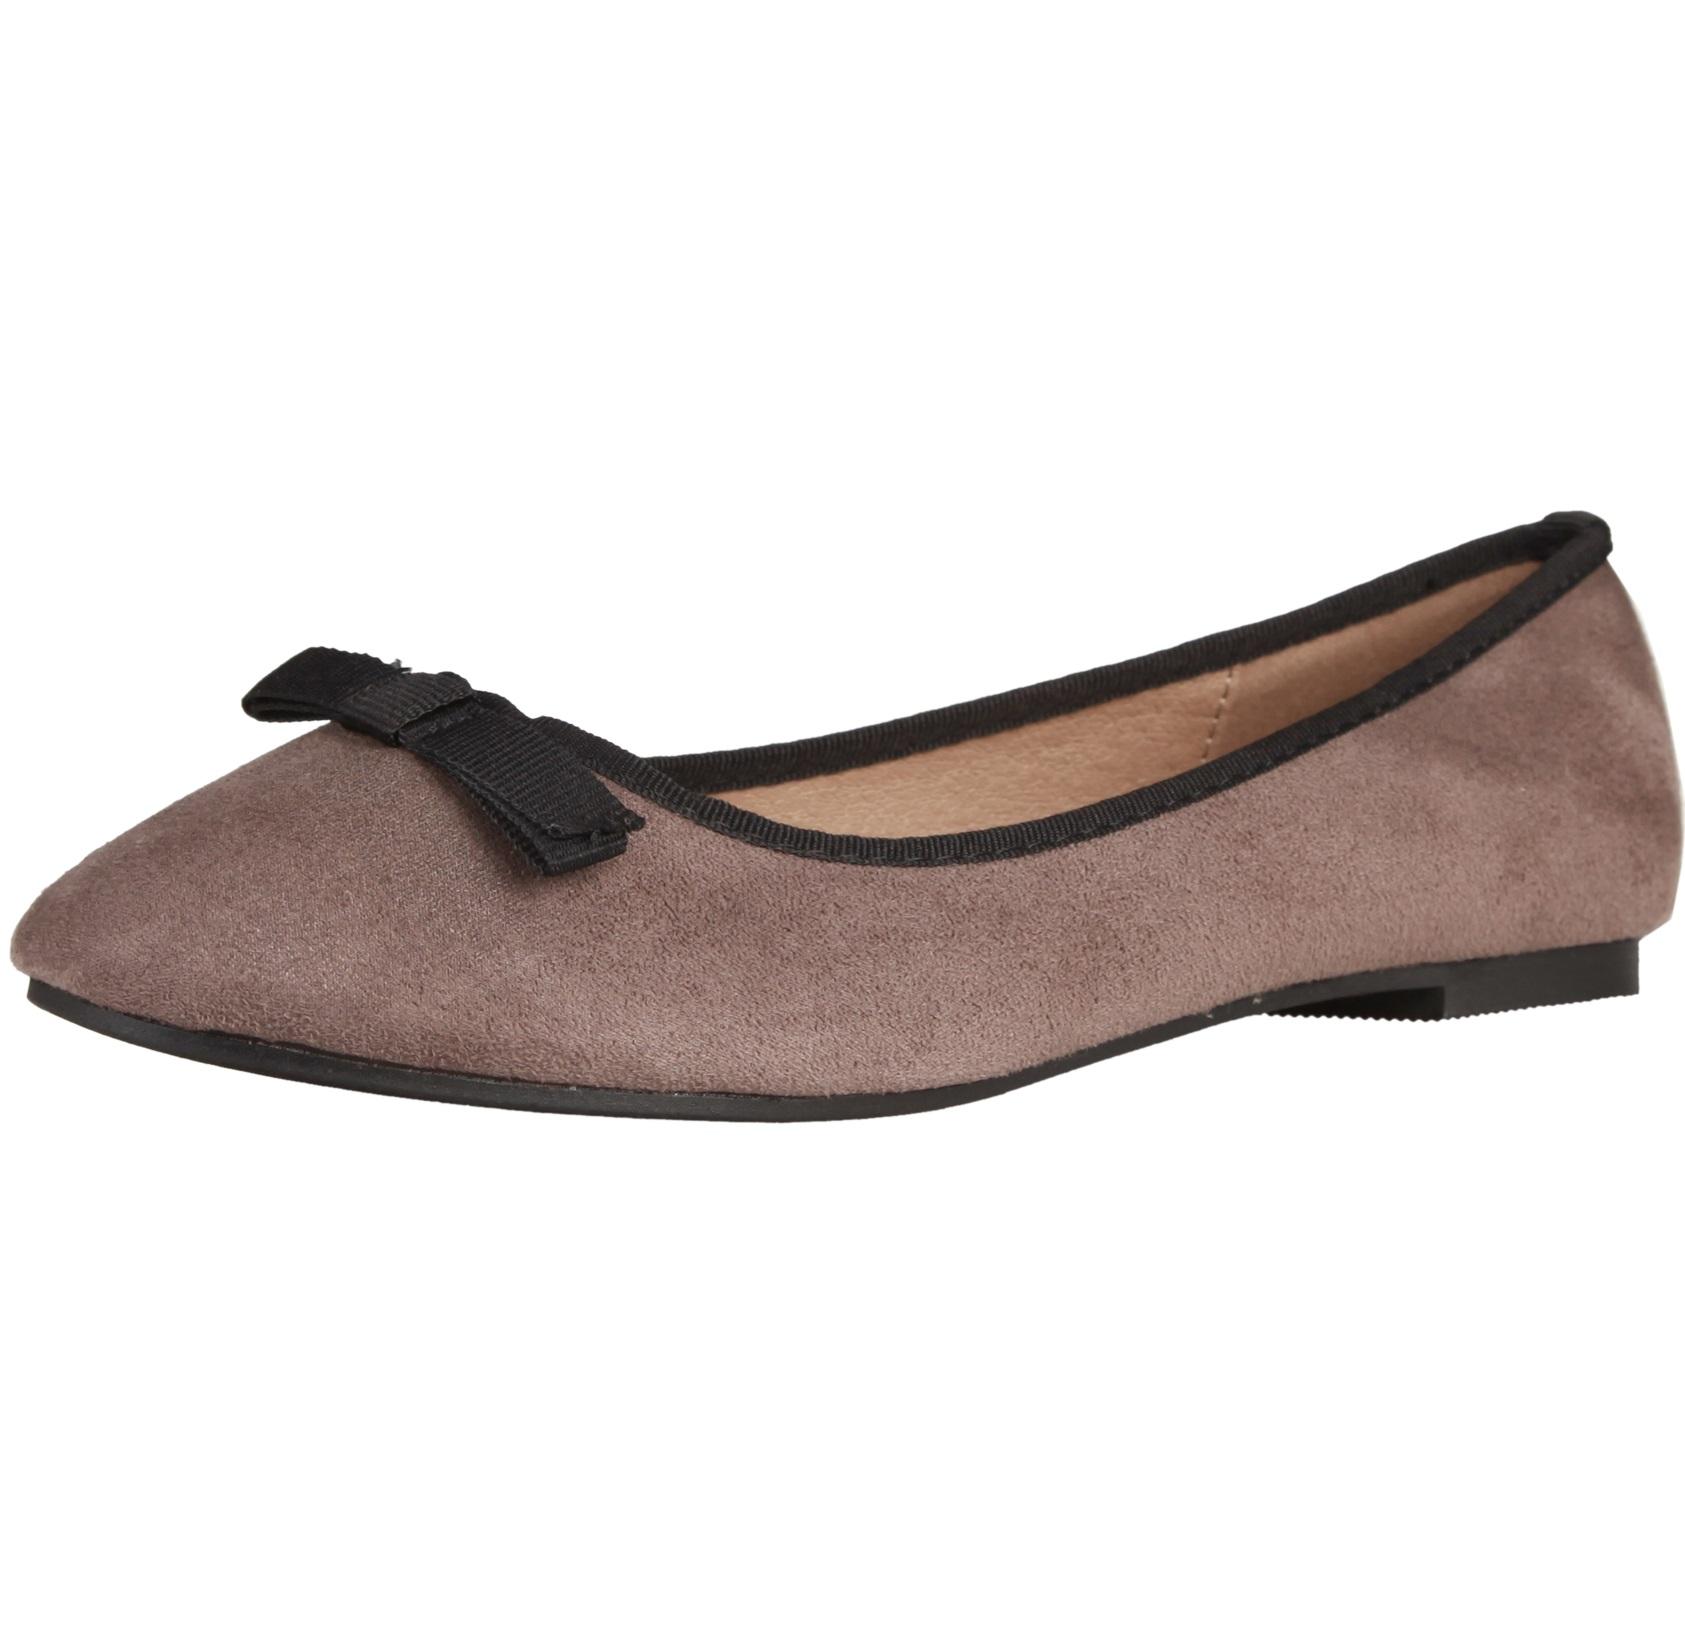 Ana Lublin Flat Shoes Lina Khaky Rf600183